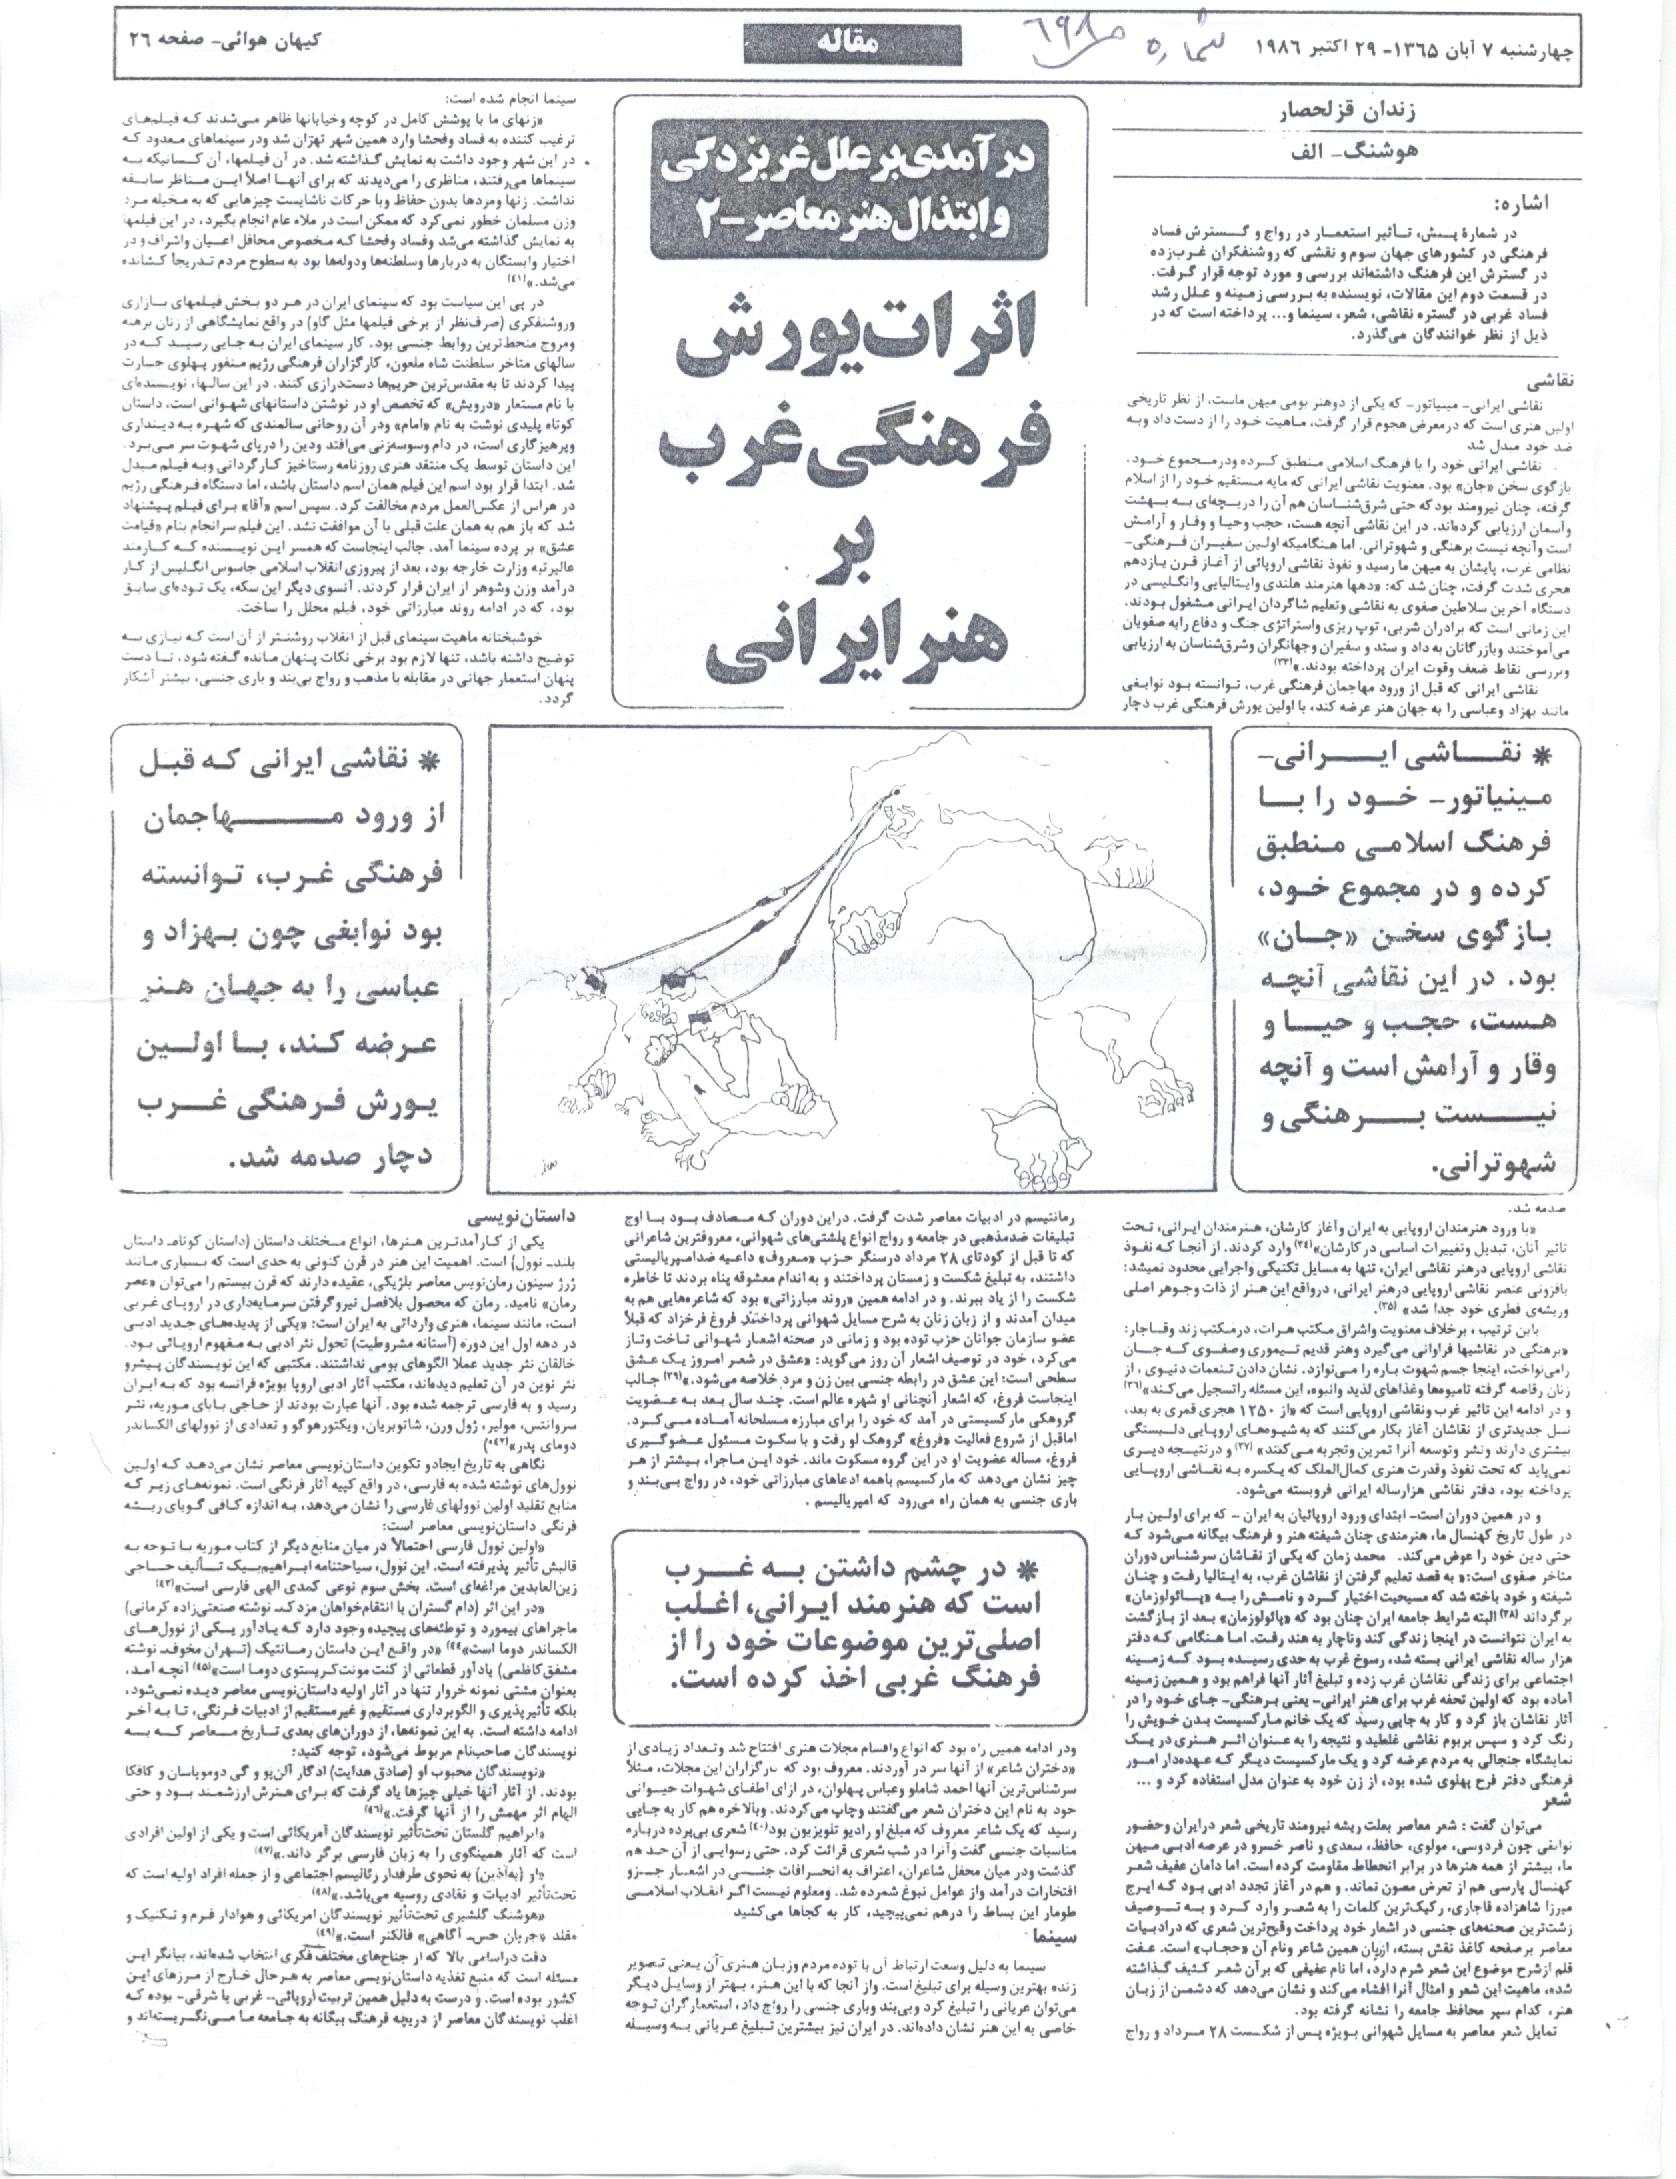 کیهان هوایی هوشنگ اسدی